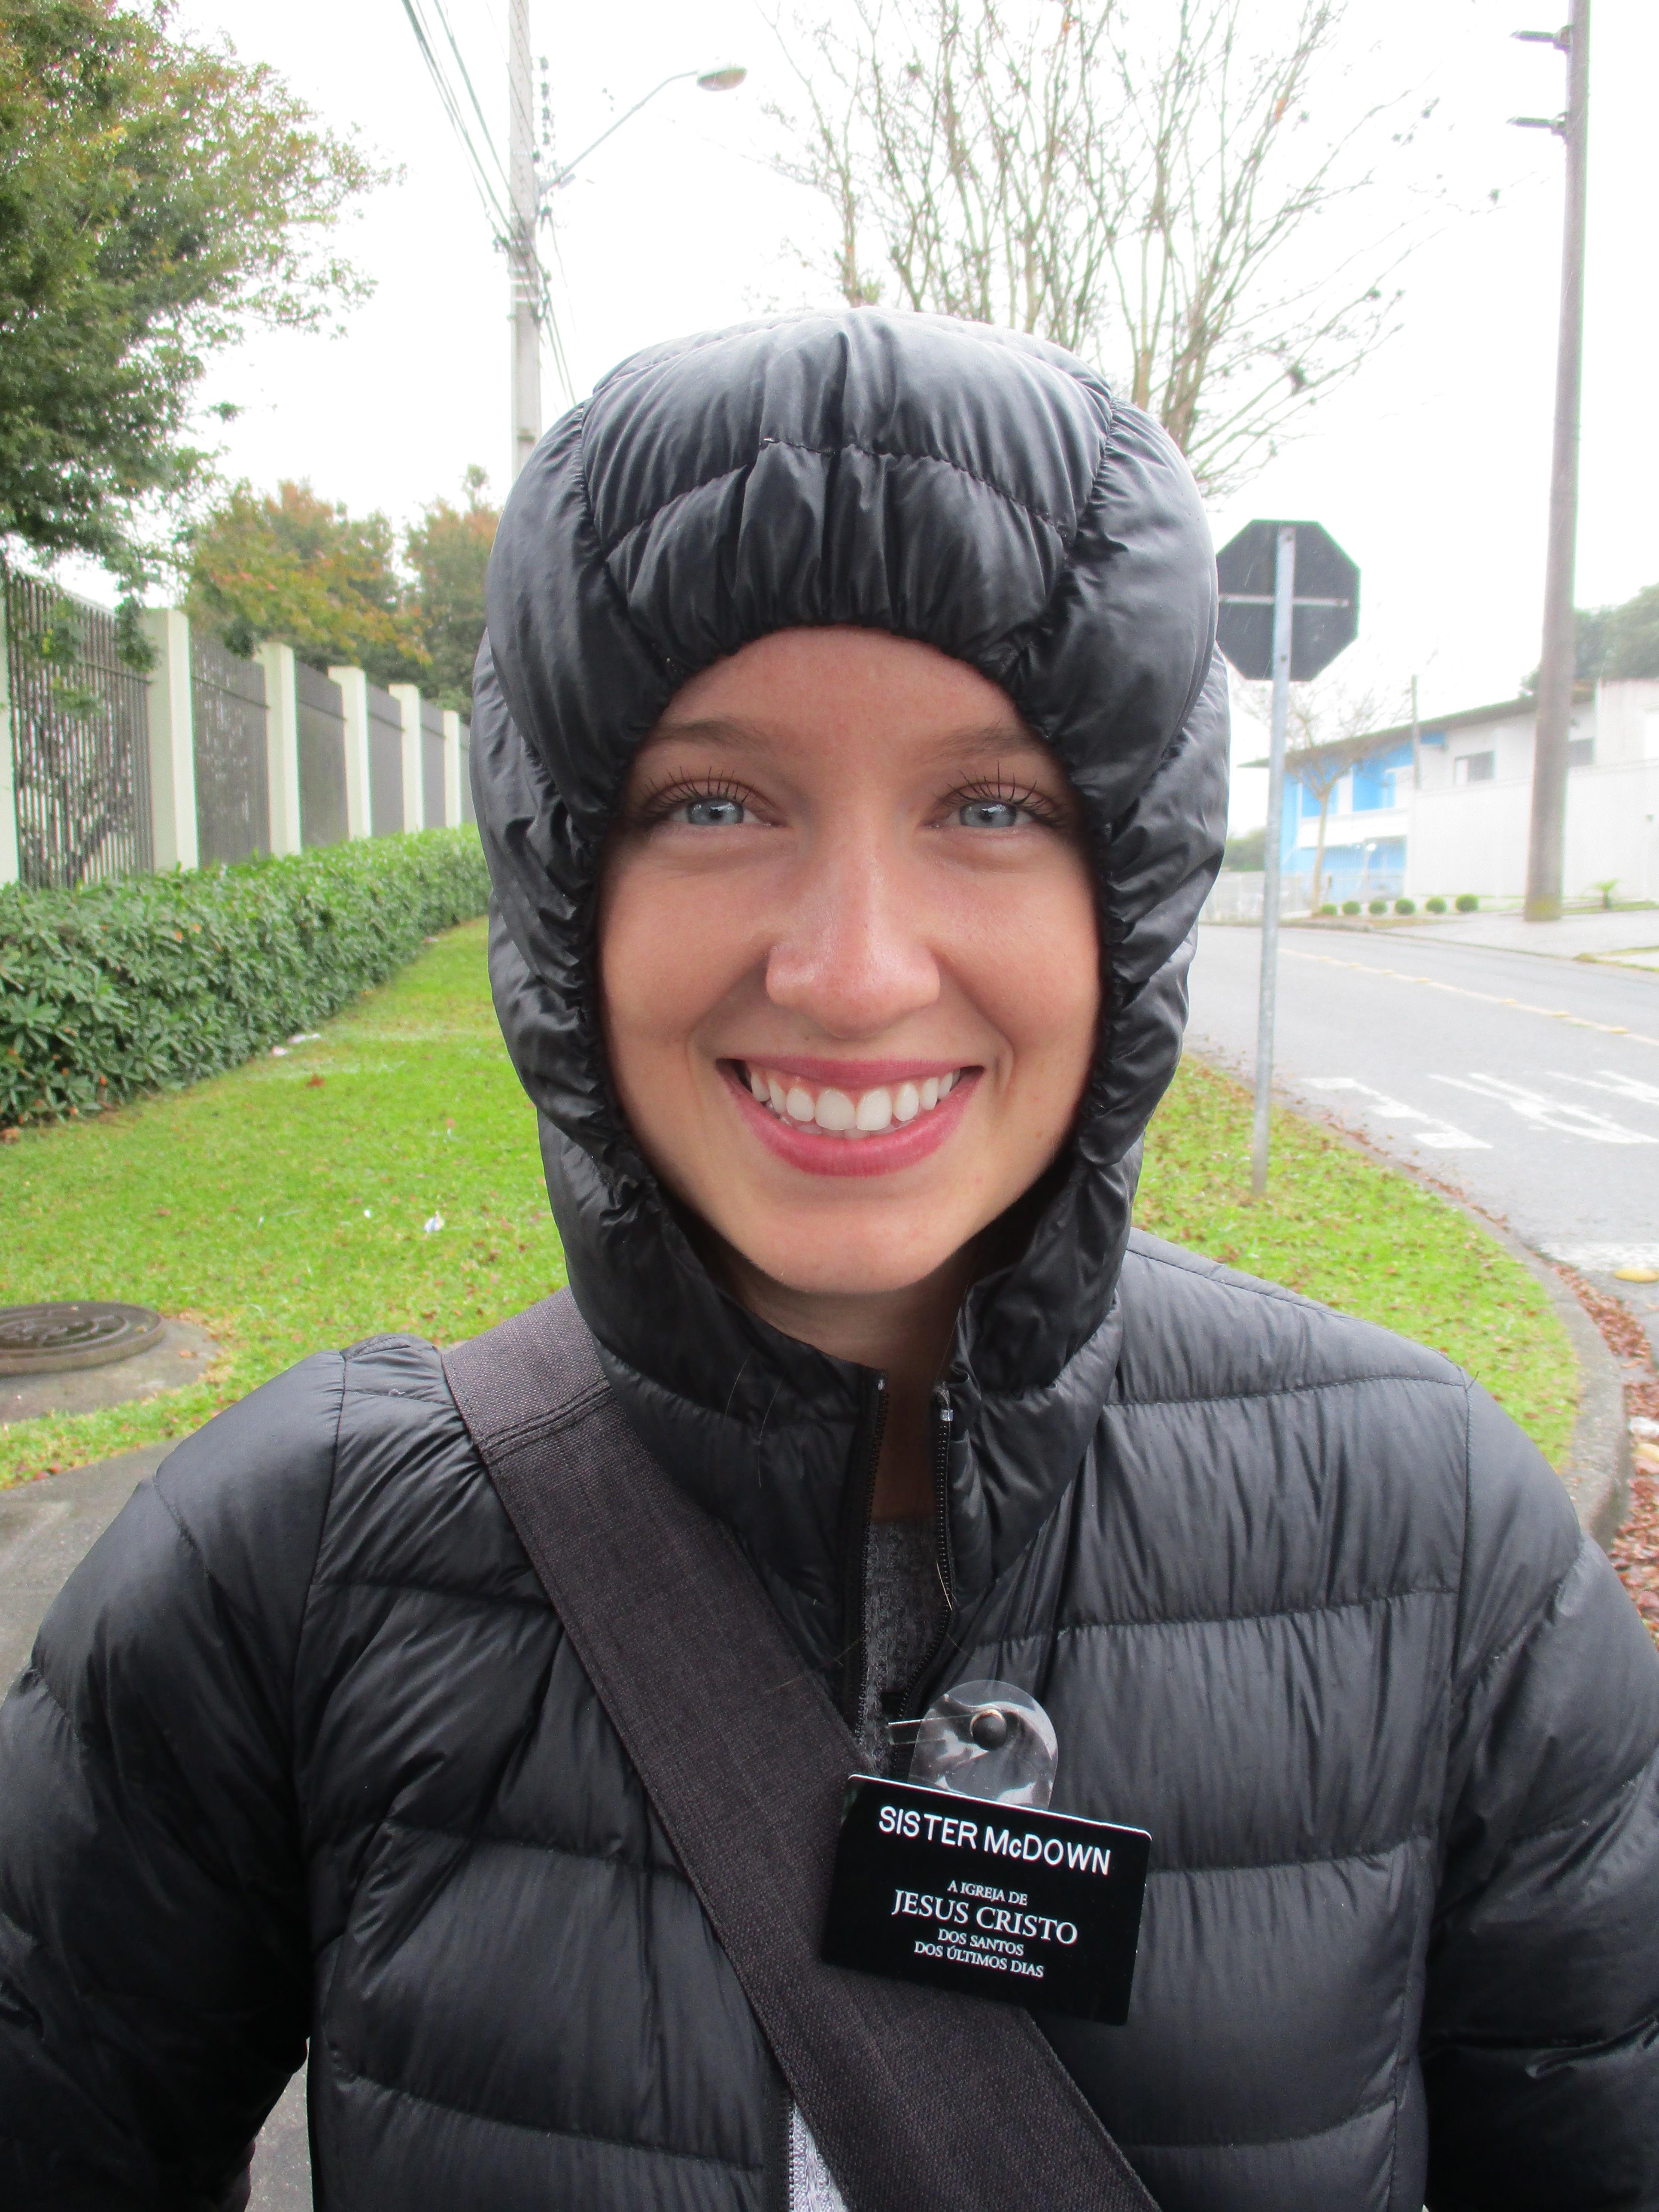 Monique McDown durante a missão num dia frio e chuvoso em Curitiba, Brasil.